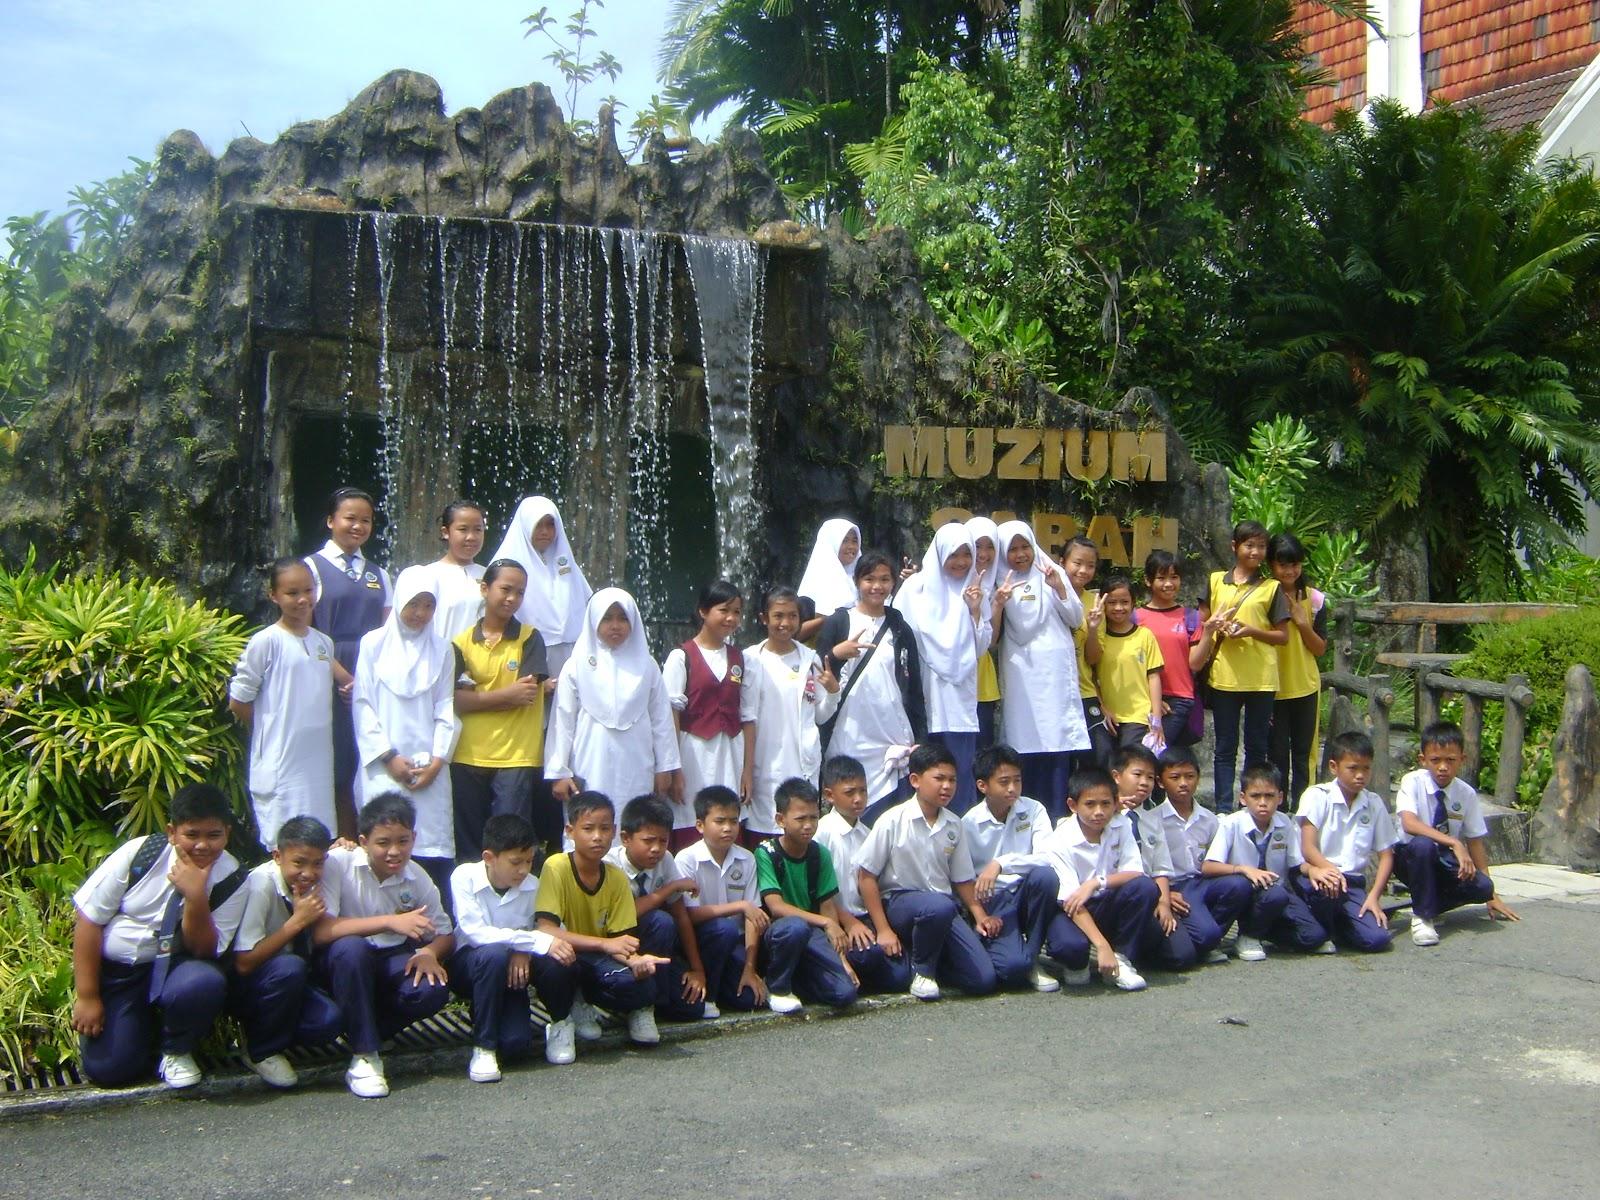 Apdm Sekolah Malaysia KPM